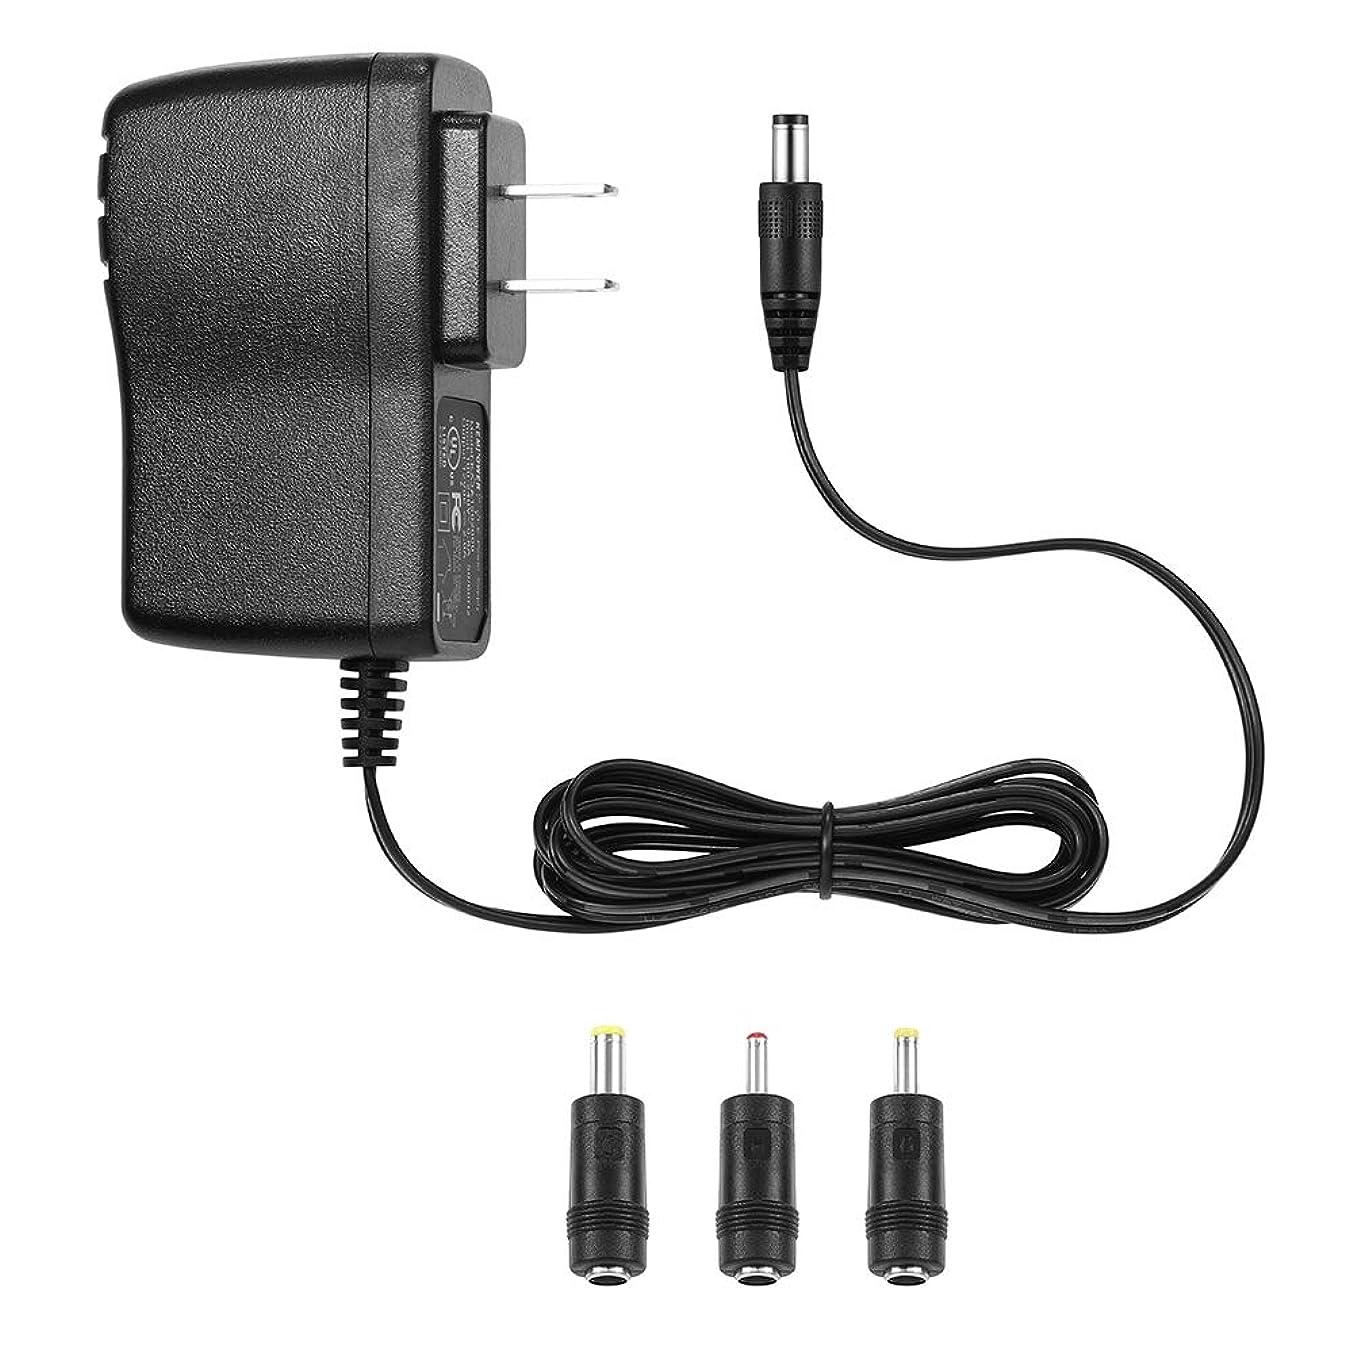 TPLTECH 9V AC/DC Power Supply Compatible Arduino, UNO R3, Elegoo UNO R3, IEIK UNO R3, MEGA 2560